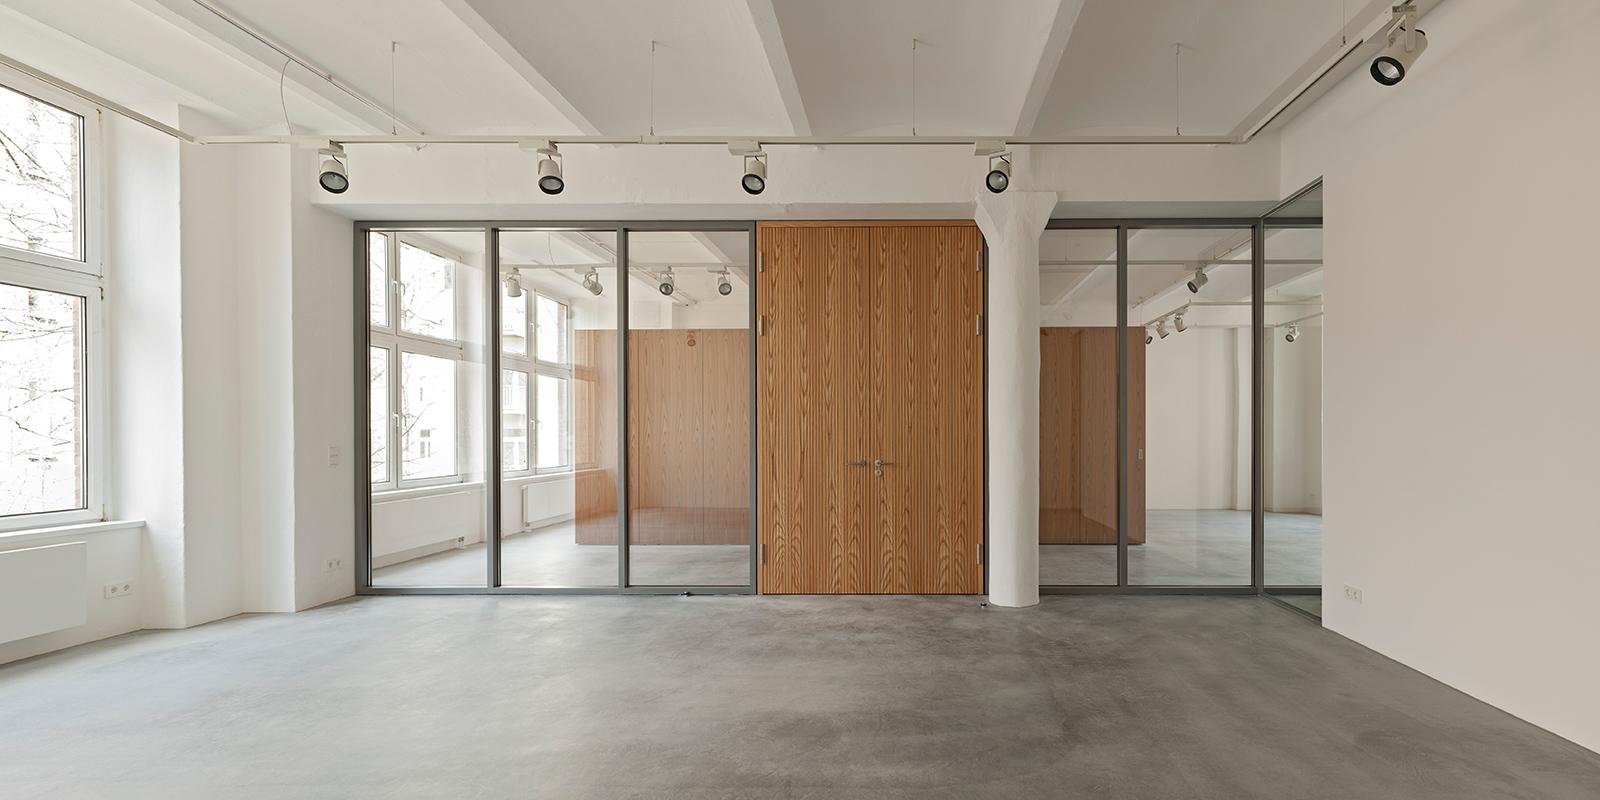 Lofts in Berlin | TRU ARCHITEKTEN